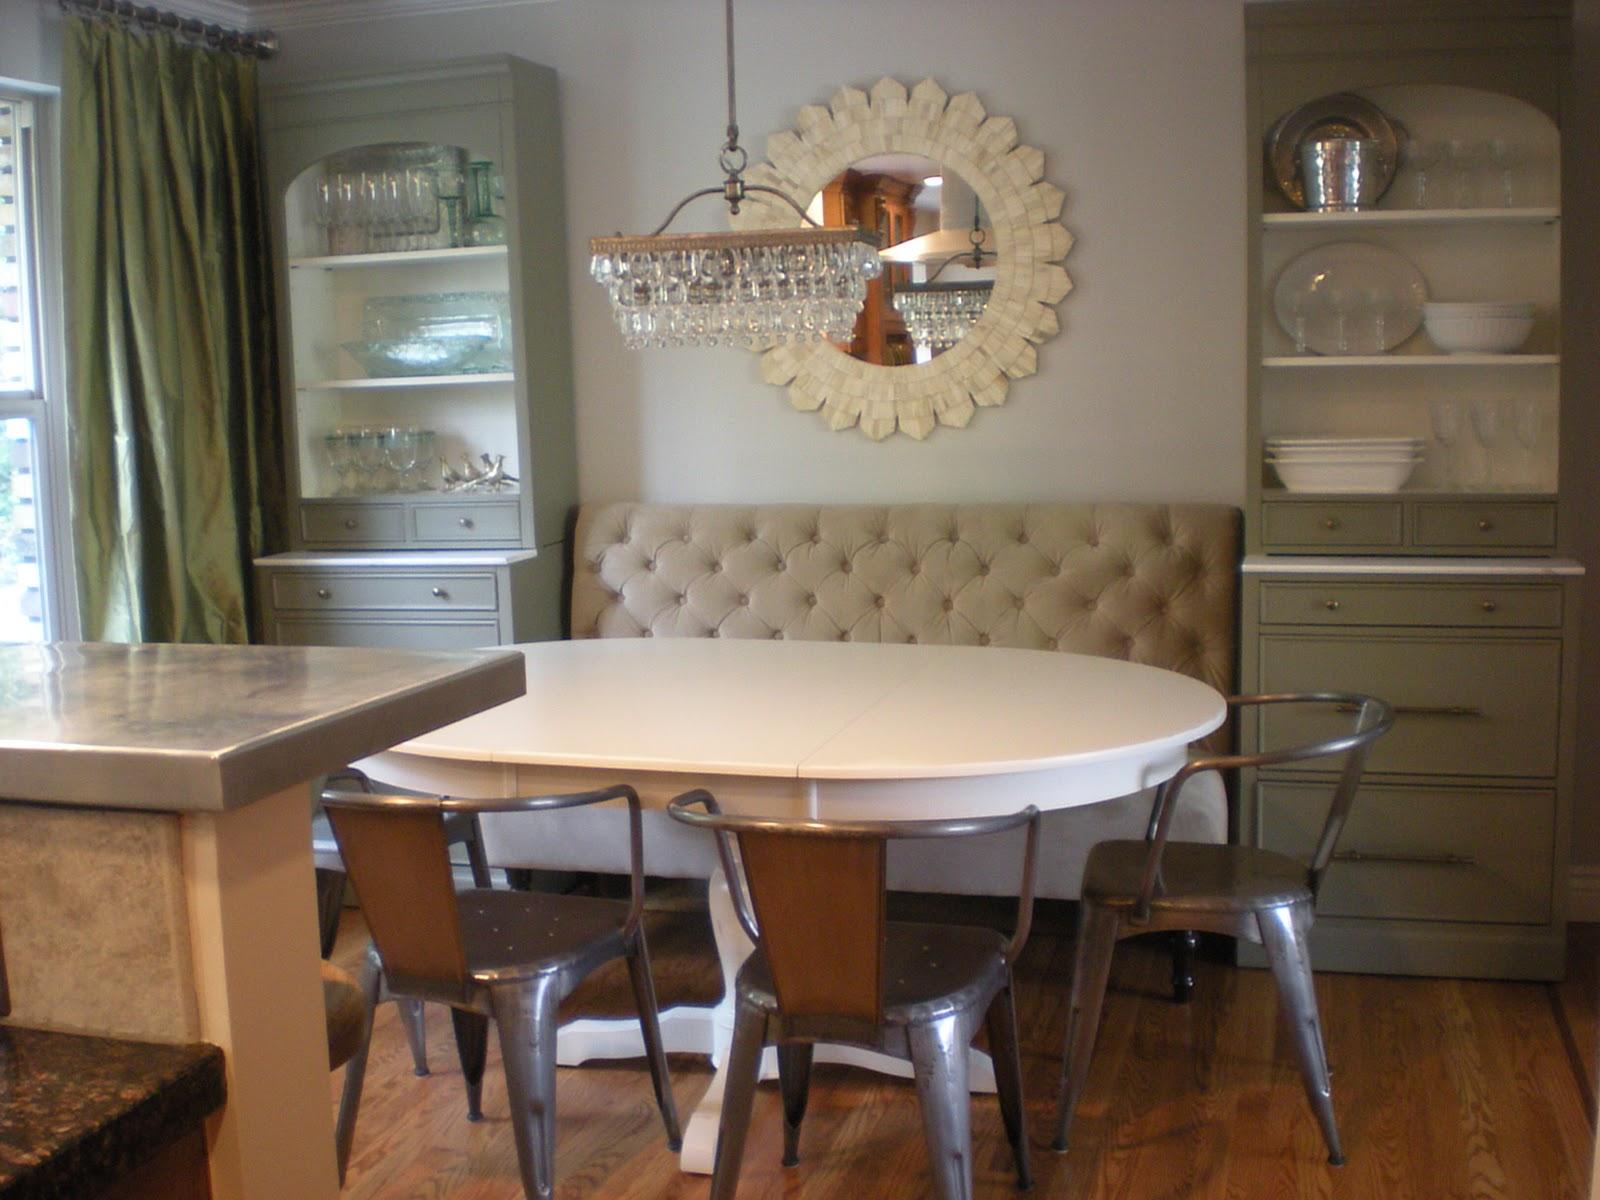 Design Dump Before After Formal Living Room Dining Transformation